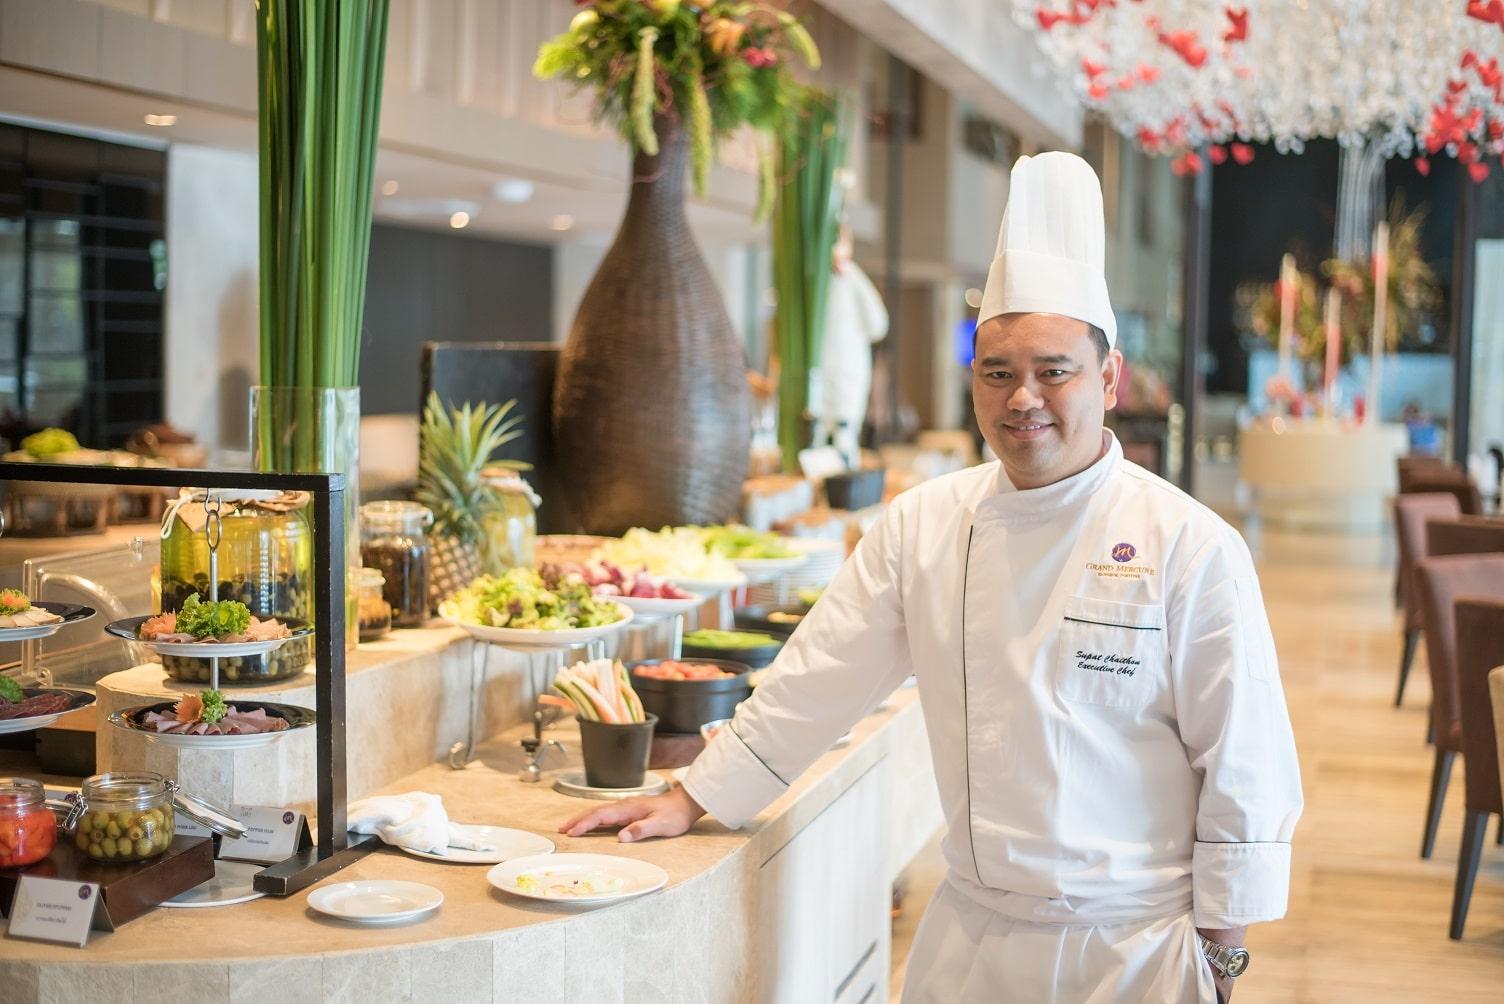 เชฟใหญ่ คนรุ่นใหม่ ไอเดียล้ำ รังสรรค์ภาพรวมอาหารของโรงแรมแกรนด์ เมอร์เคียว กรุงเทพ ฟอร์จูน